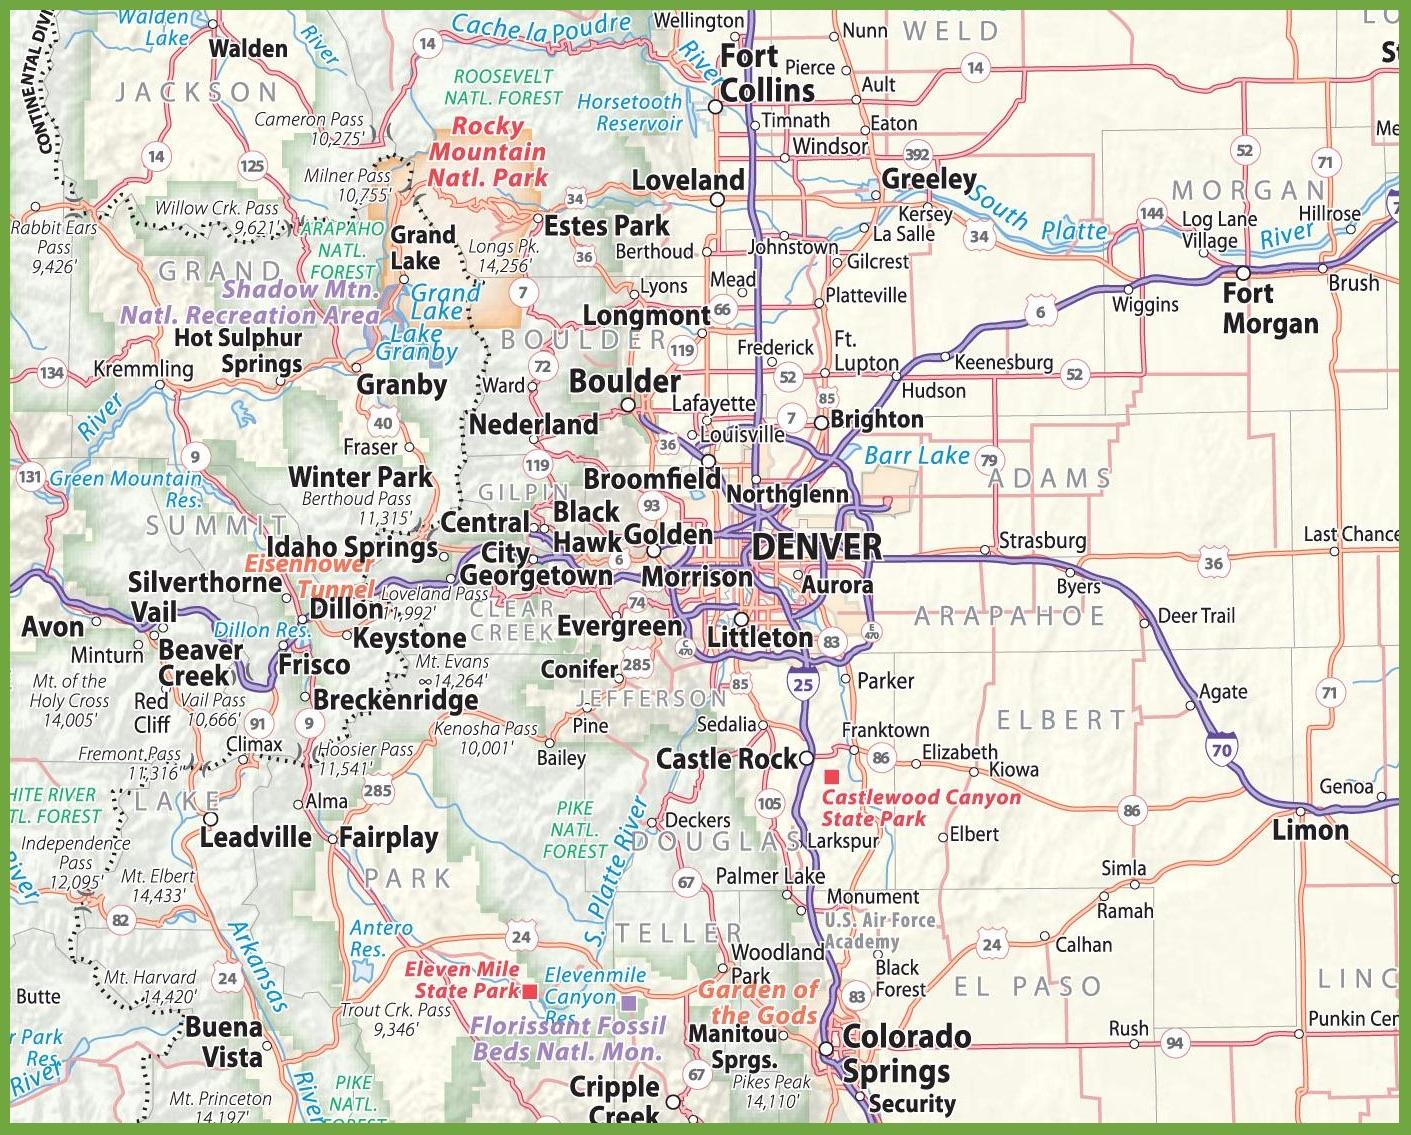 Map Of Denver Co Denver area road map Map Of Denver Co